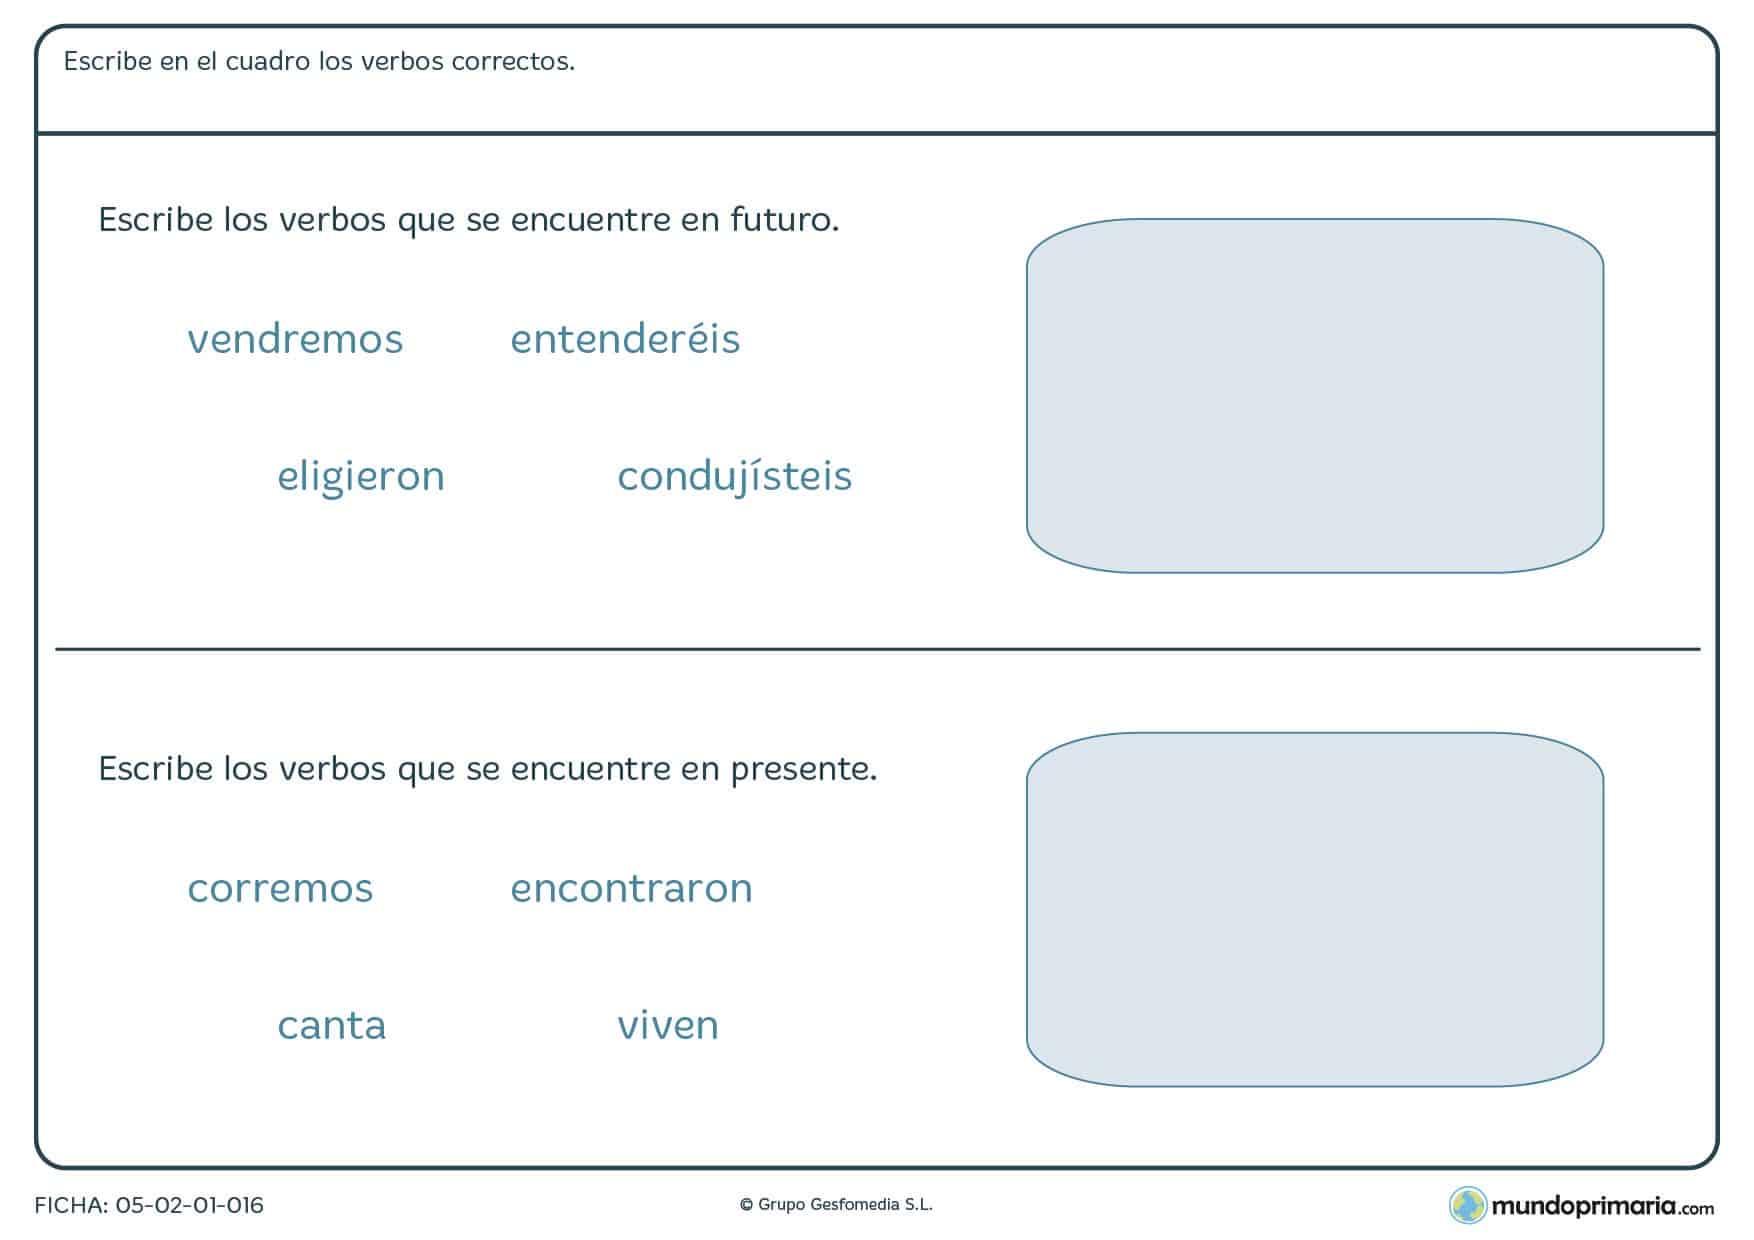 Ficha de escribir en el cuadro los verbos que sean correctos